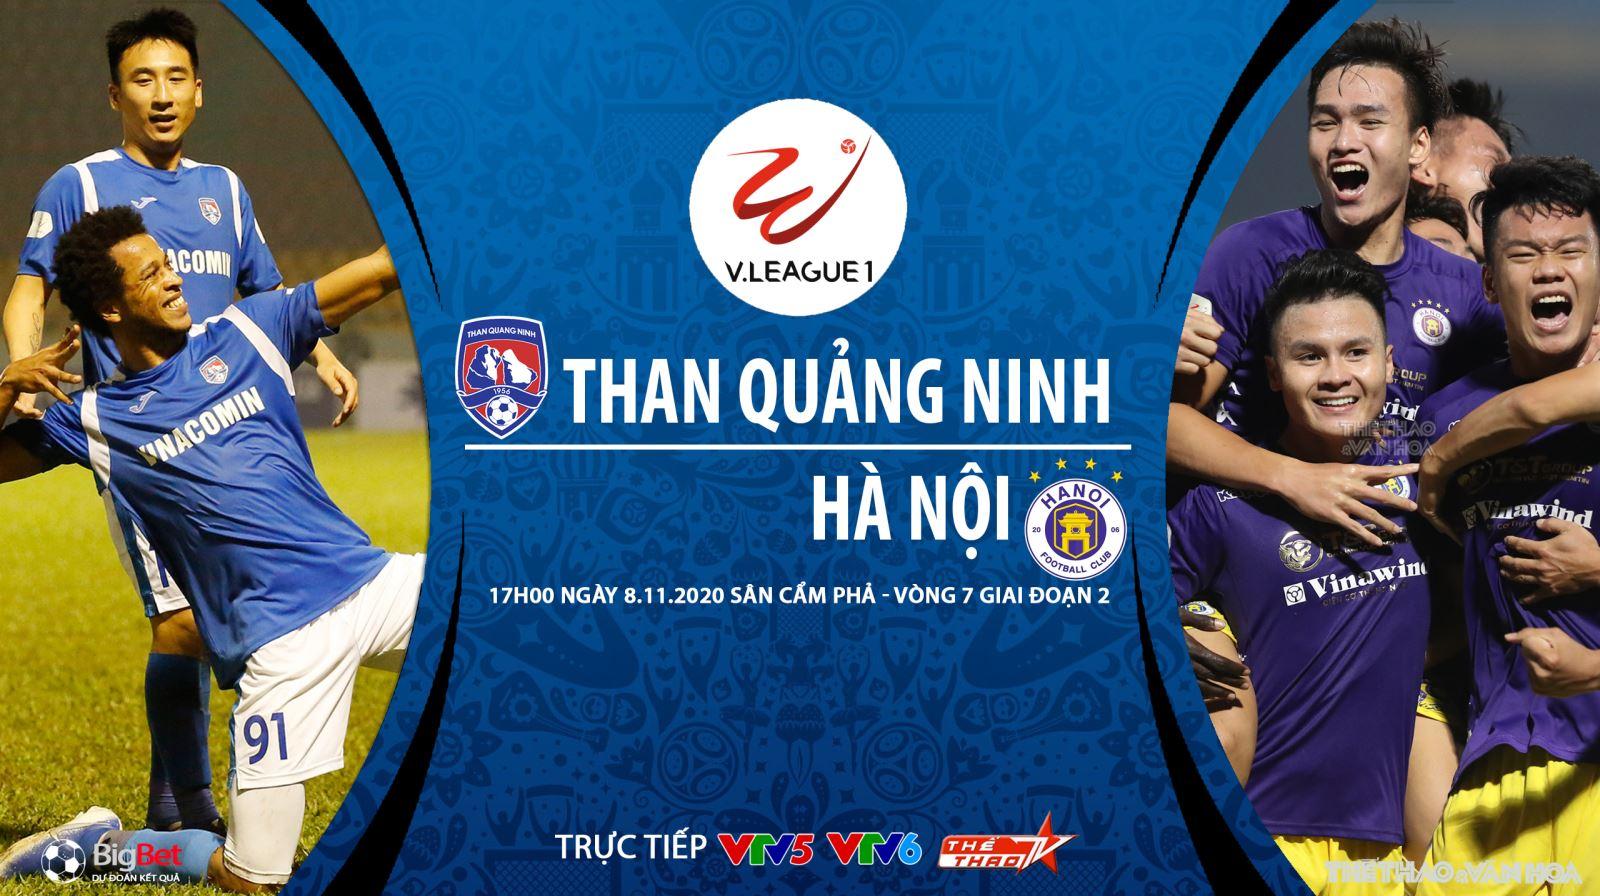 Trực tiếp Than Quảng Ninh vs Hà Nội. VTV6. VTV5. BĐTV. Truc tiep bong da